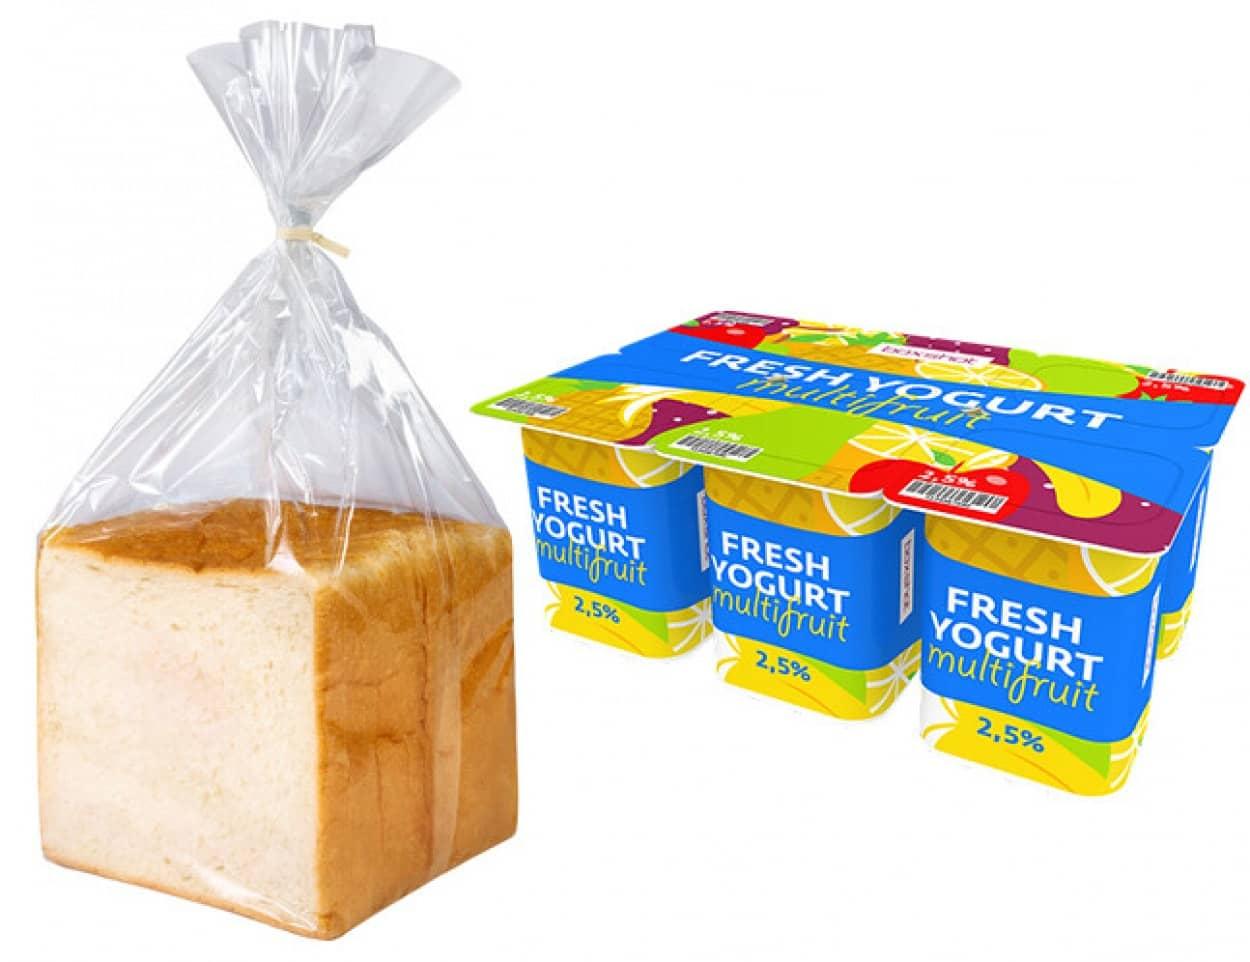 10年間パンとヨーグルトしか食べられない摂食障害の少年